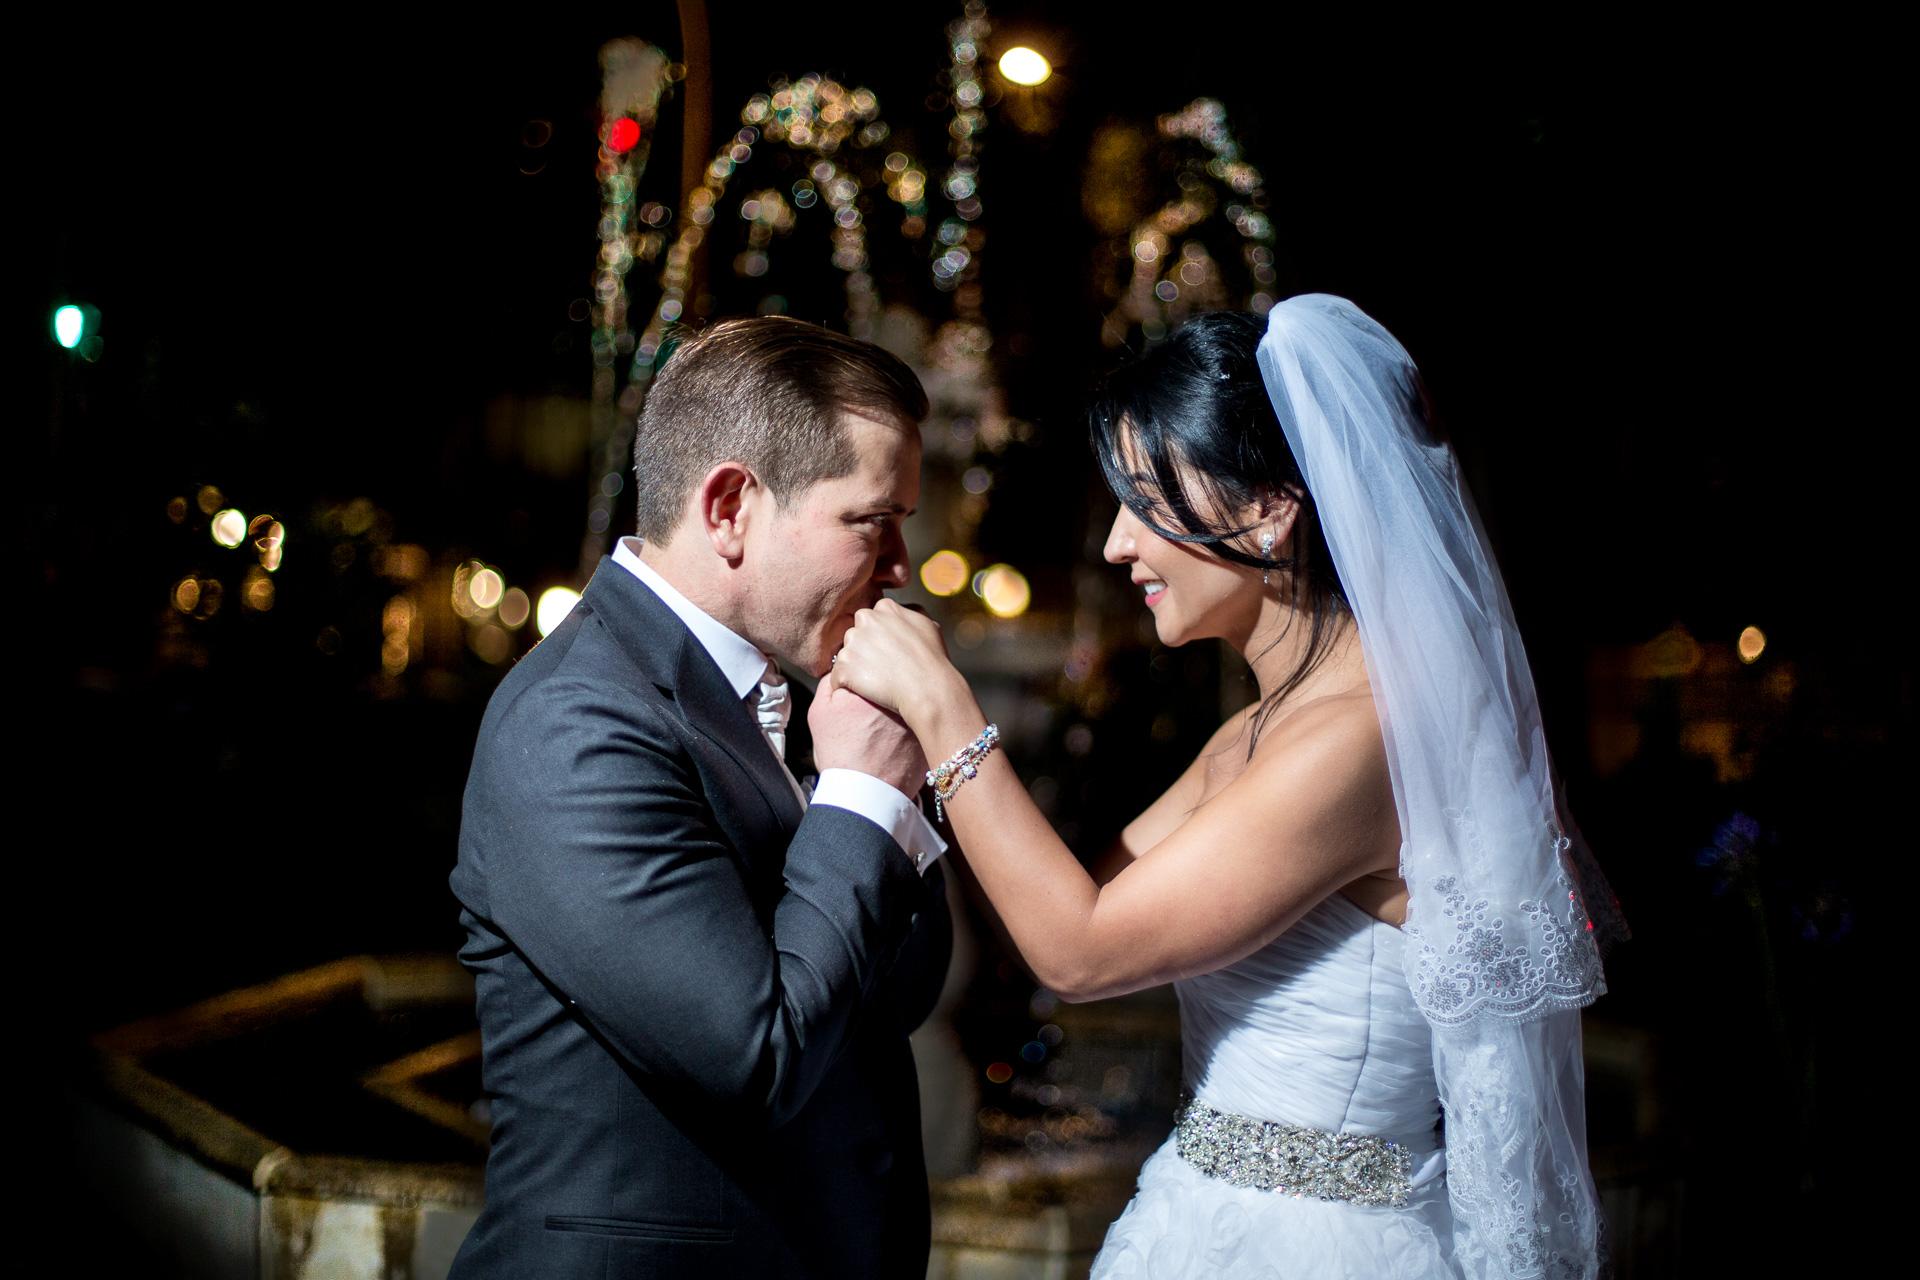 Fotógrafos-de-bodas-en-Colombia-Andrea-y-Antonio-38 ANDREA + ANTONIO